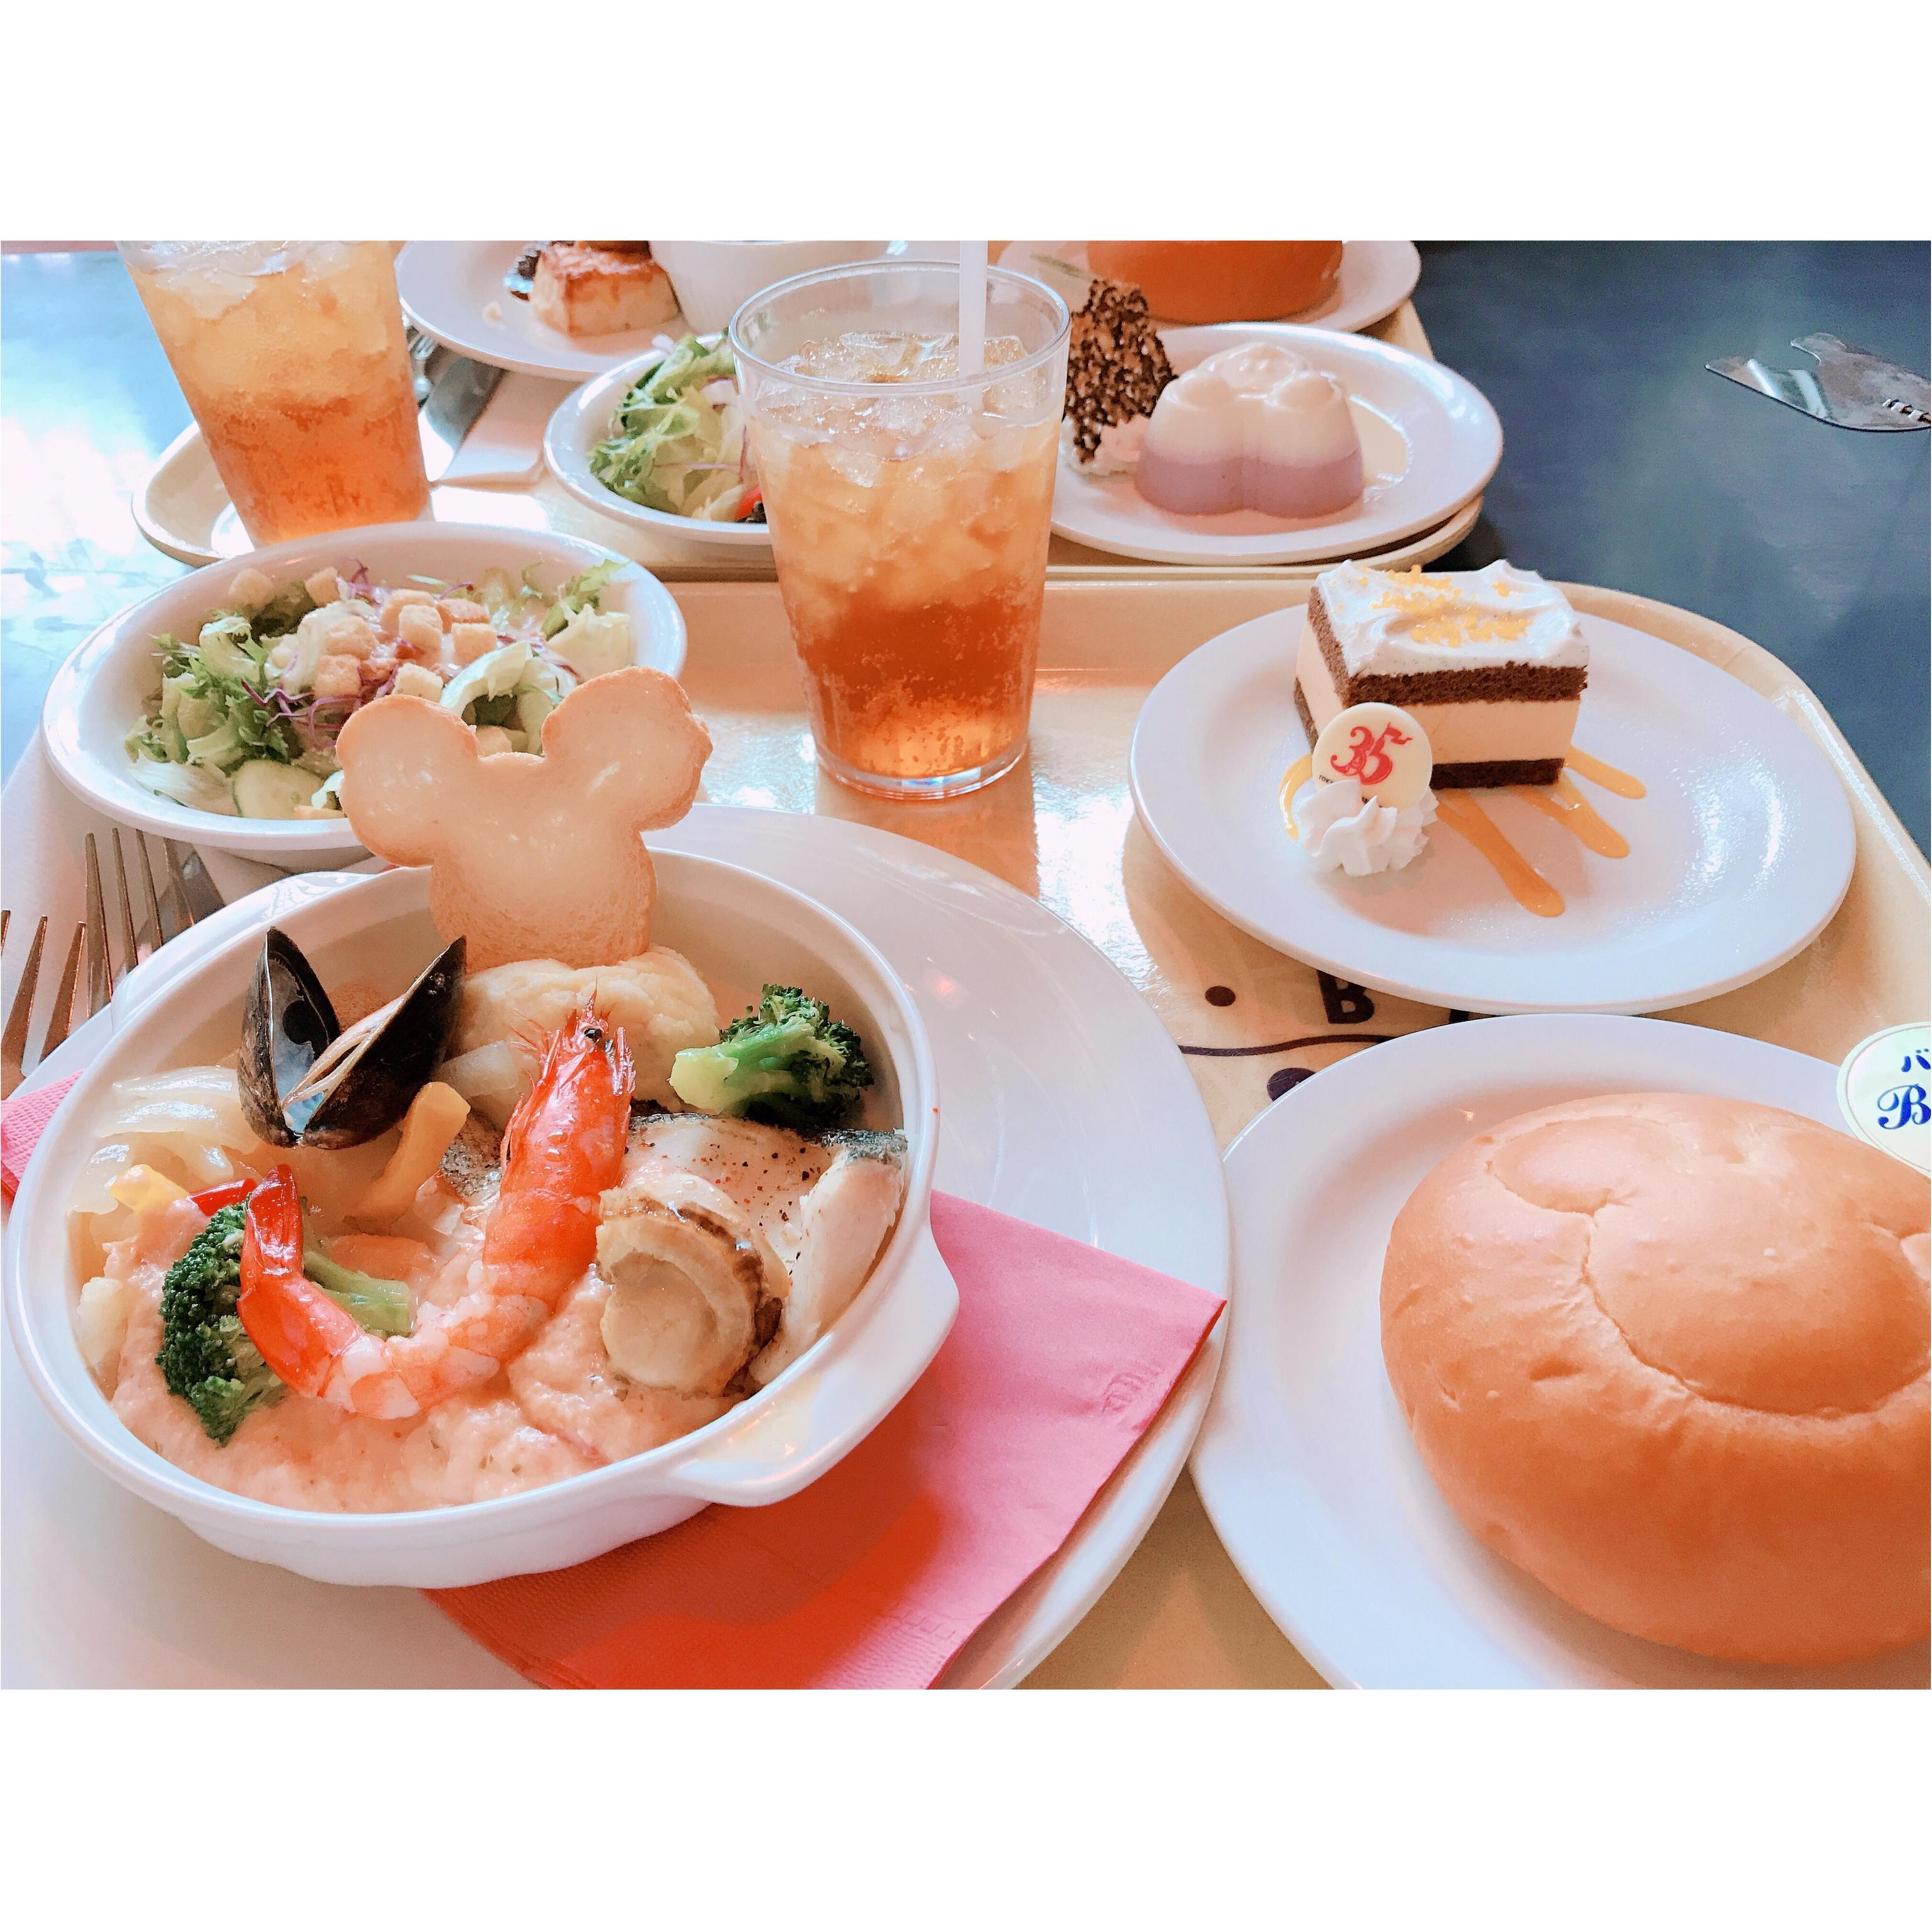 【大人気!】TDSのキャラクターに会えるレストラン♡_4